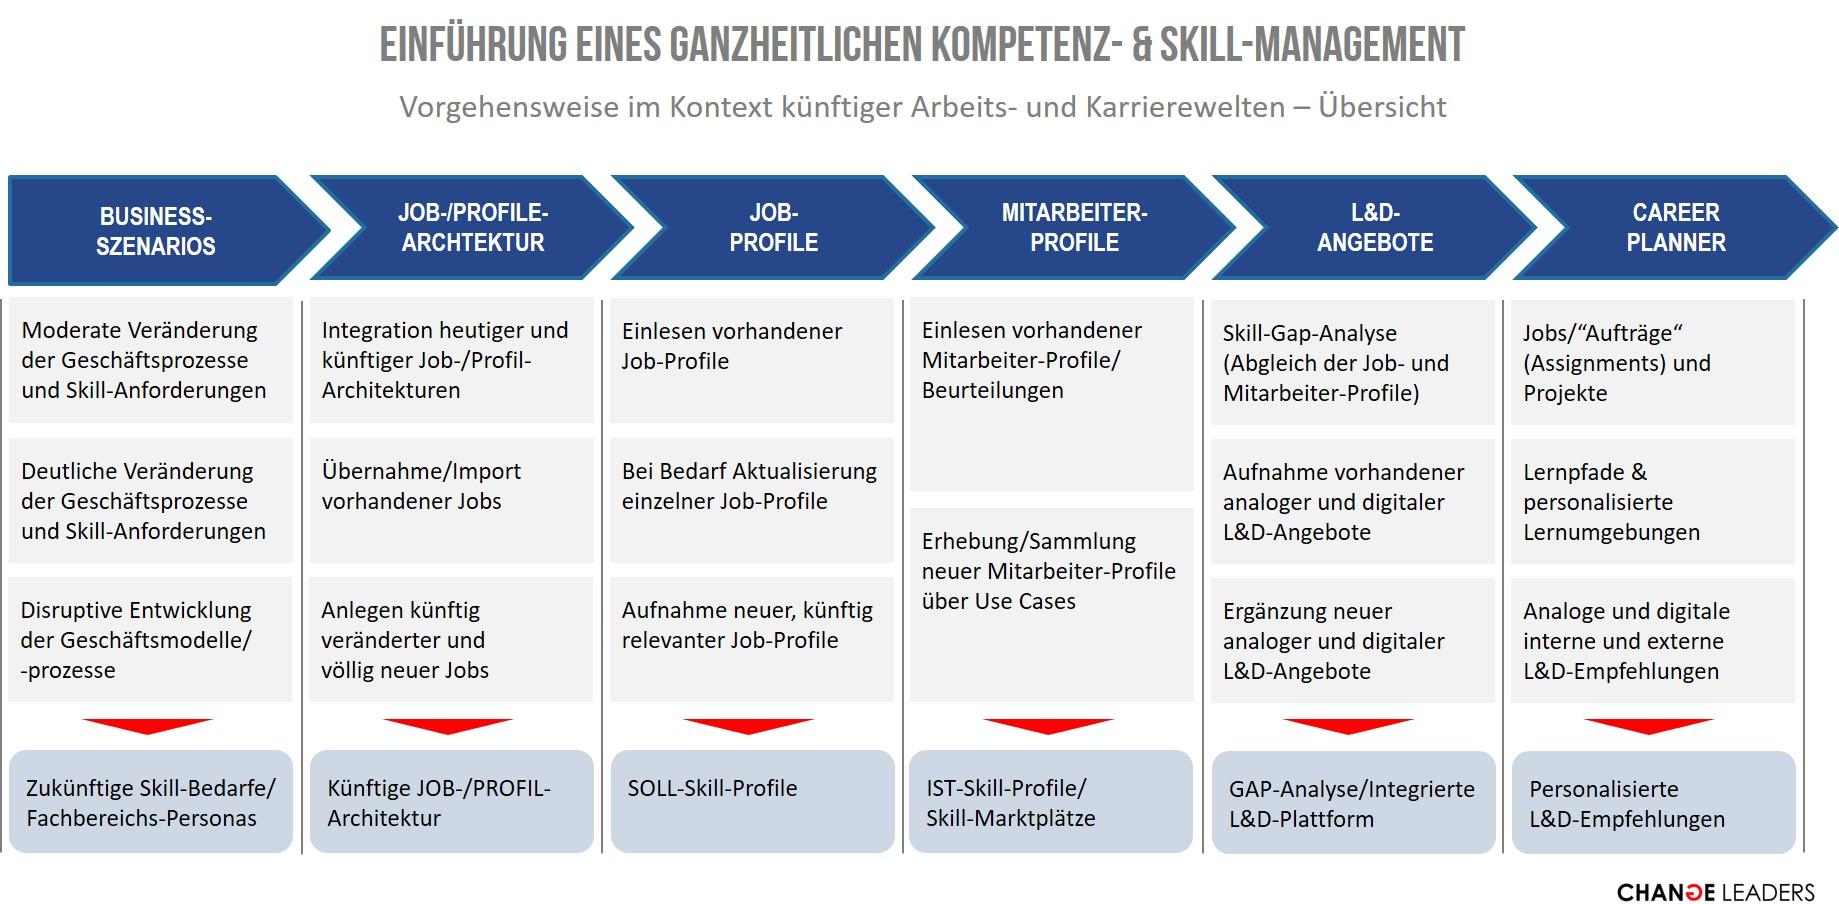 Einführung eines ganzheitlichen Kompetenz- und Skill-Management (Übersicht)